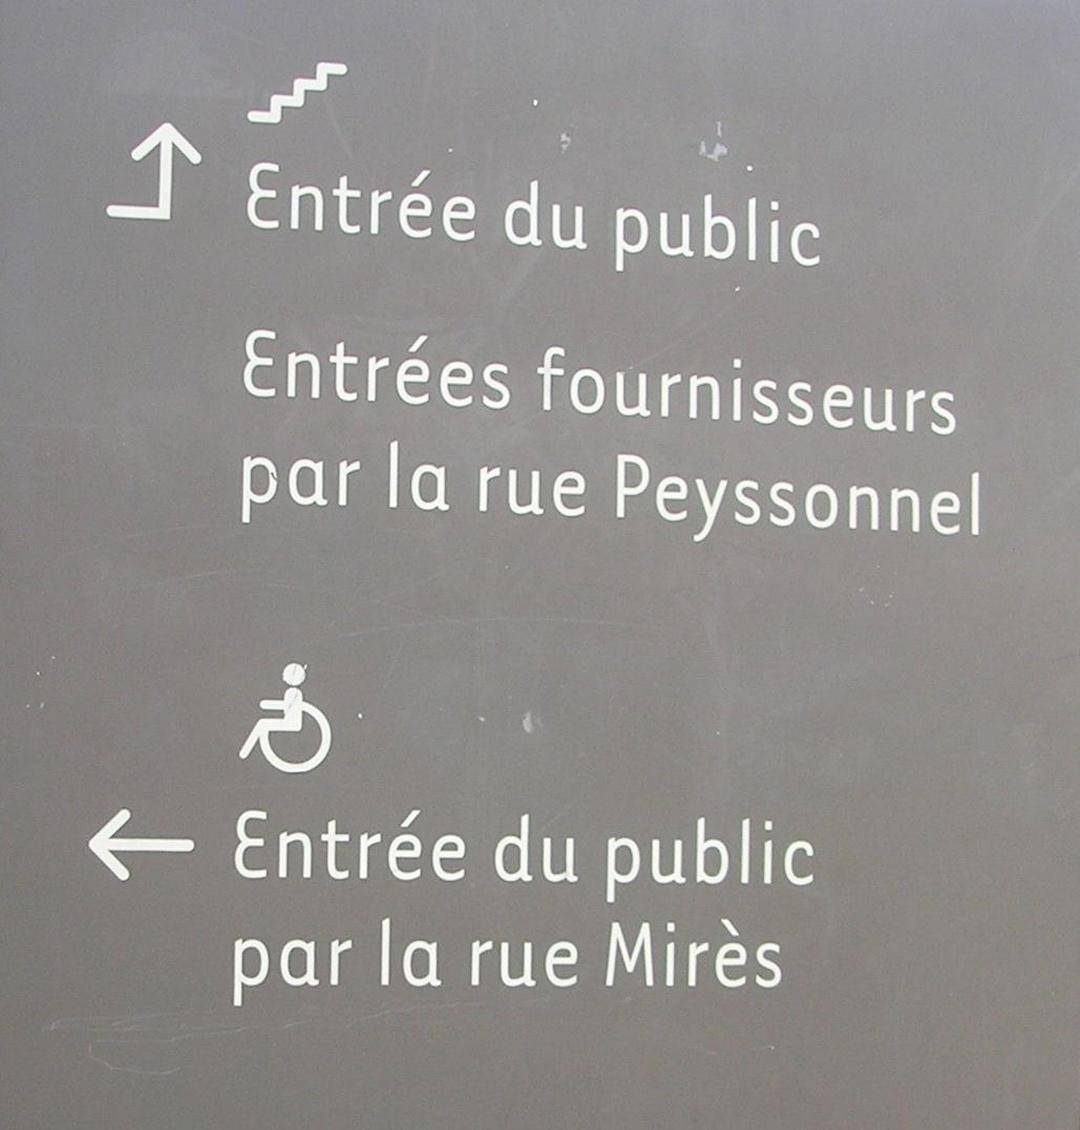 Foto del 5 de febrero de 2016 18:54, Bibliothèque et Archives Départementales des Bouches-du Rhône, 18-20 Rue Mirès, 13003 Marseille, Francia